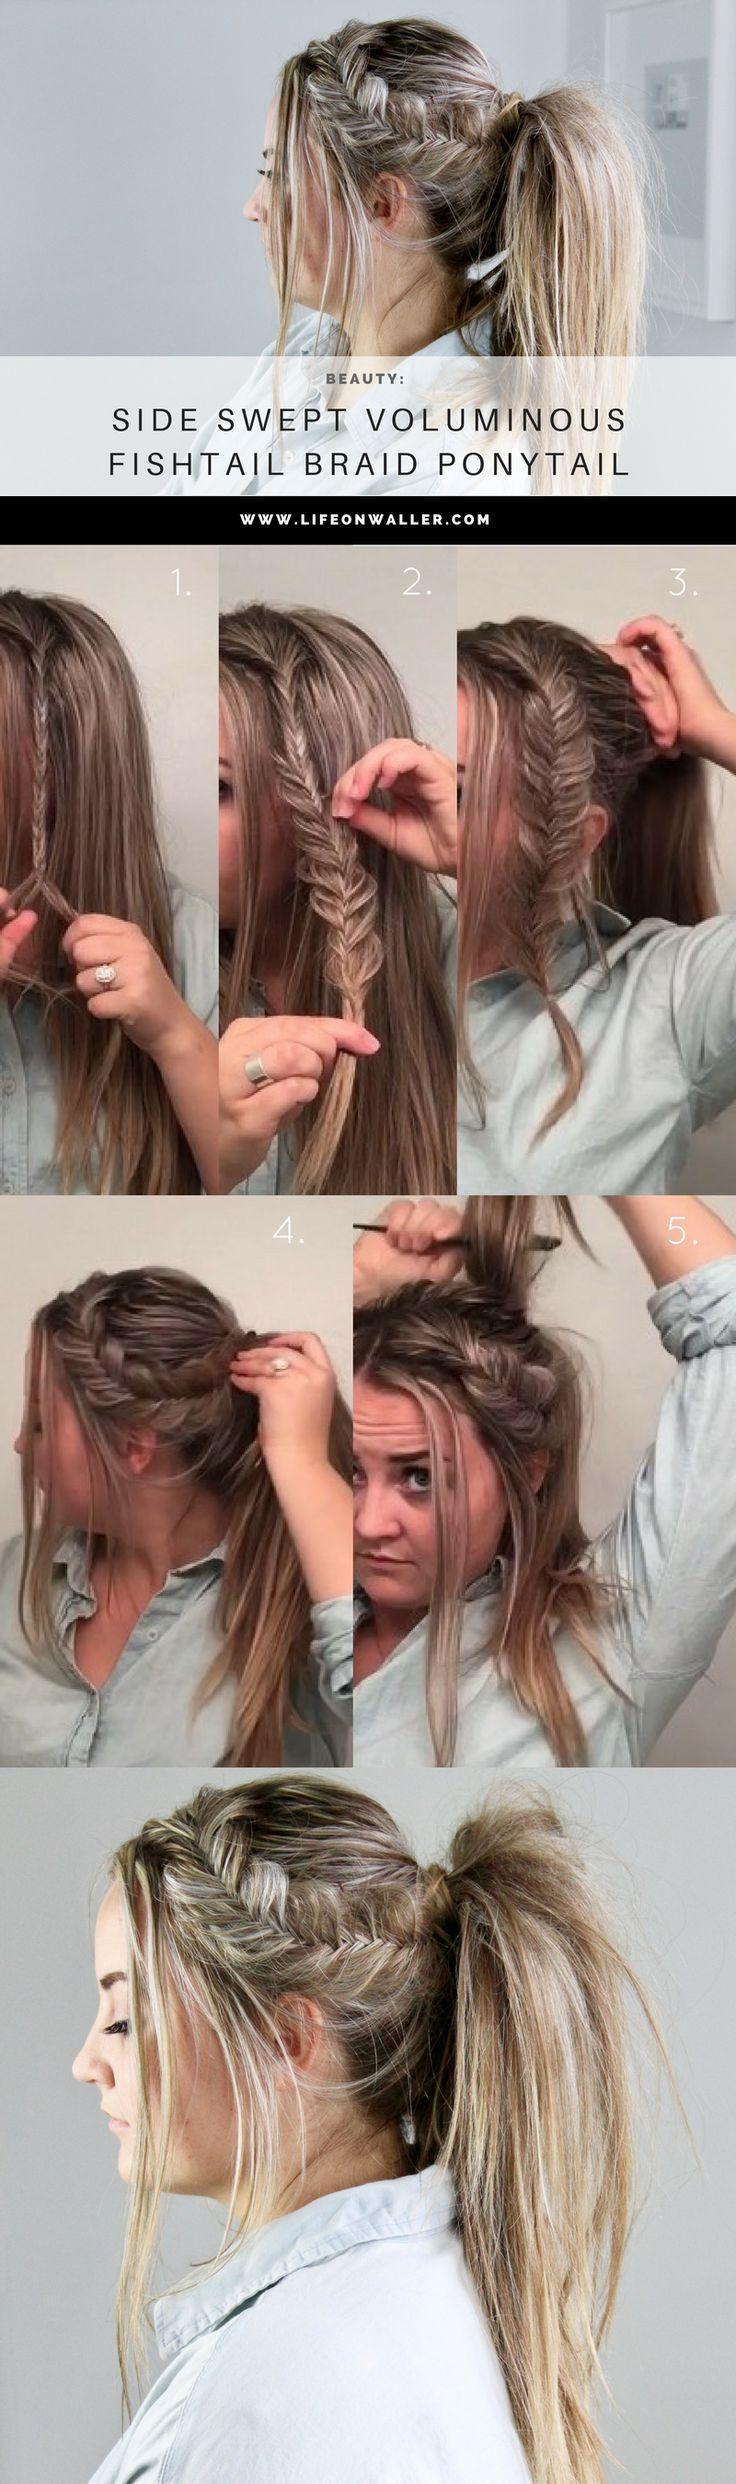 fishtail ponytail, side swept voluminous fishtail braid ponytail tutorial. big ponytail, hair, hairstyle, braids, gym hair, casual hair, easy hairstyle, hairstyles, how to, braiding, date hairstyles.